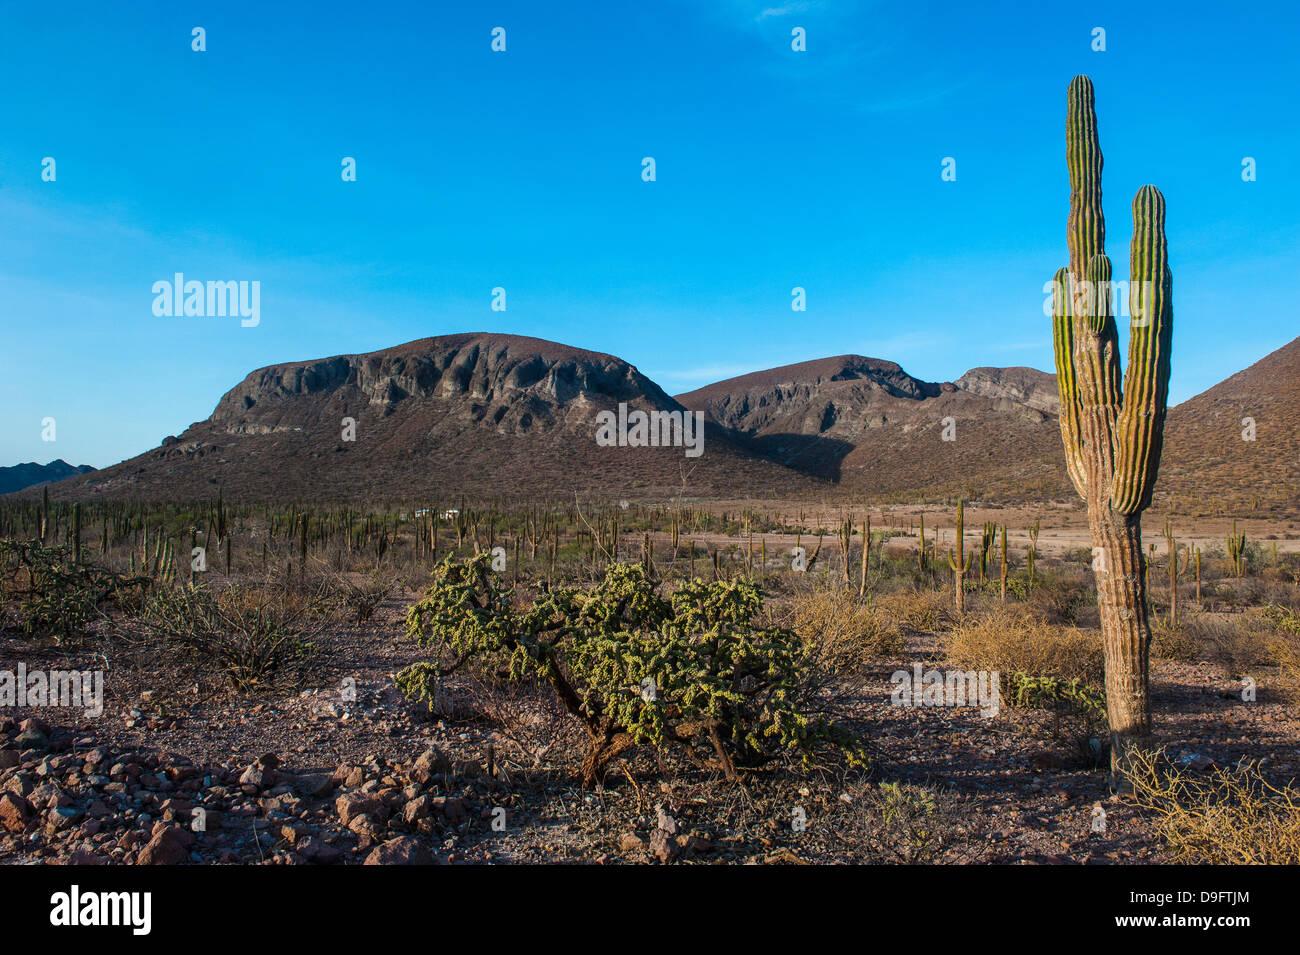 Cactus árboles en el campo, cerca de la Paz, Baja California, México Imagen De Stock